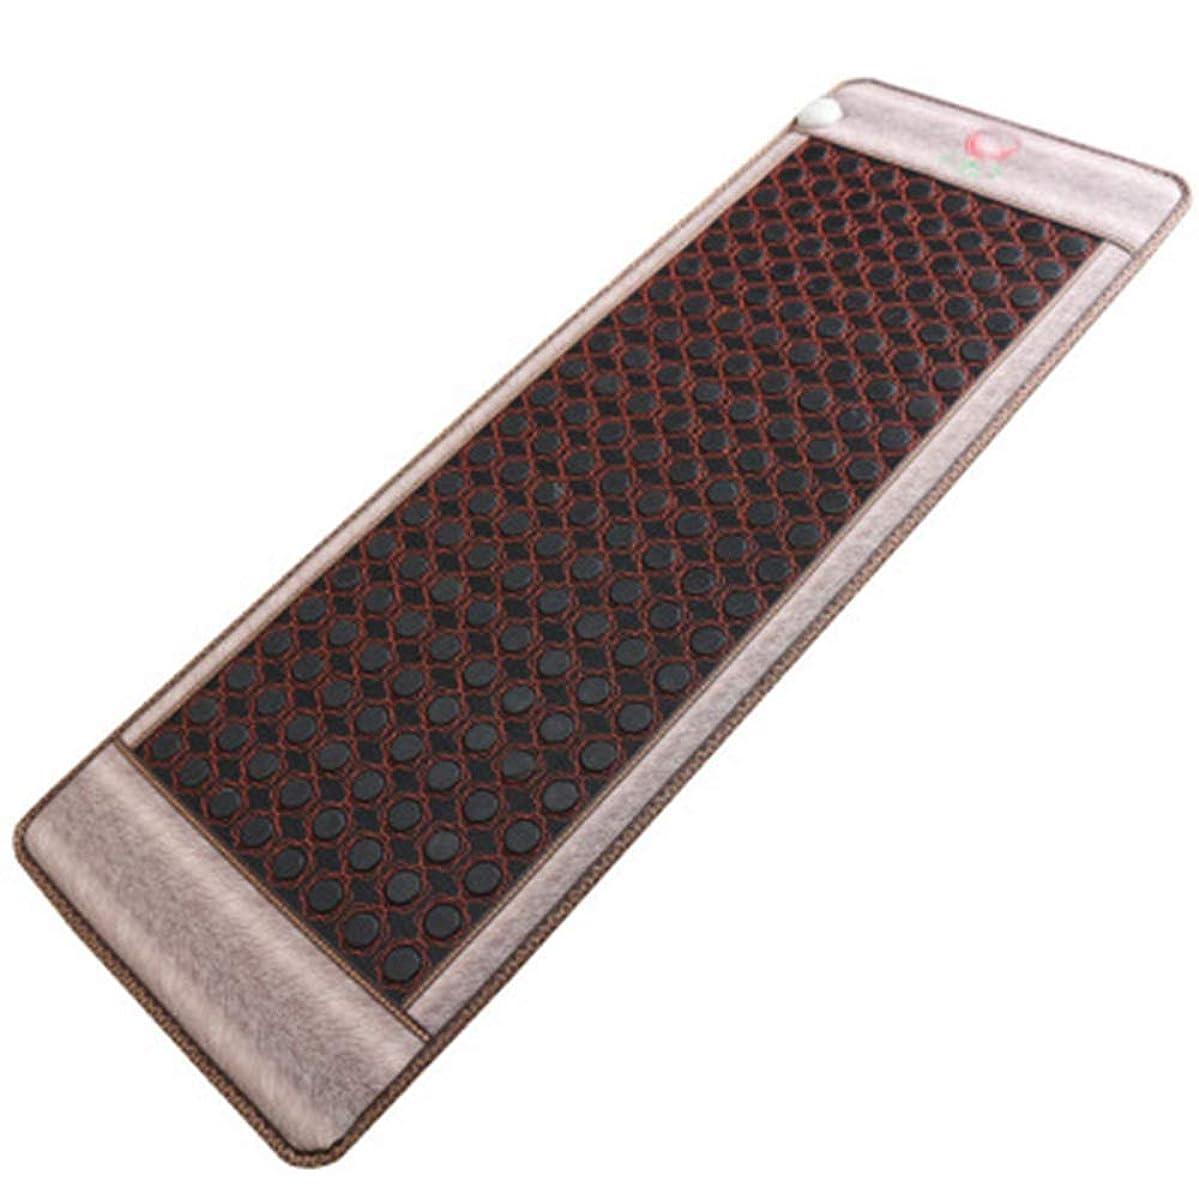 ホールドオールリングバックフルーツ野菜マッサージマットレス 電気世帯ボディ暖房のマッサージのマットレスの携帯用多機能ボディマッサージのマットレス (色 : Picture, サイズ : 70x190cm)